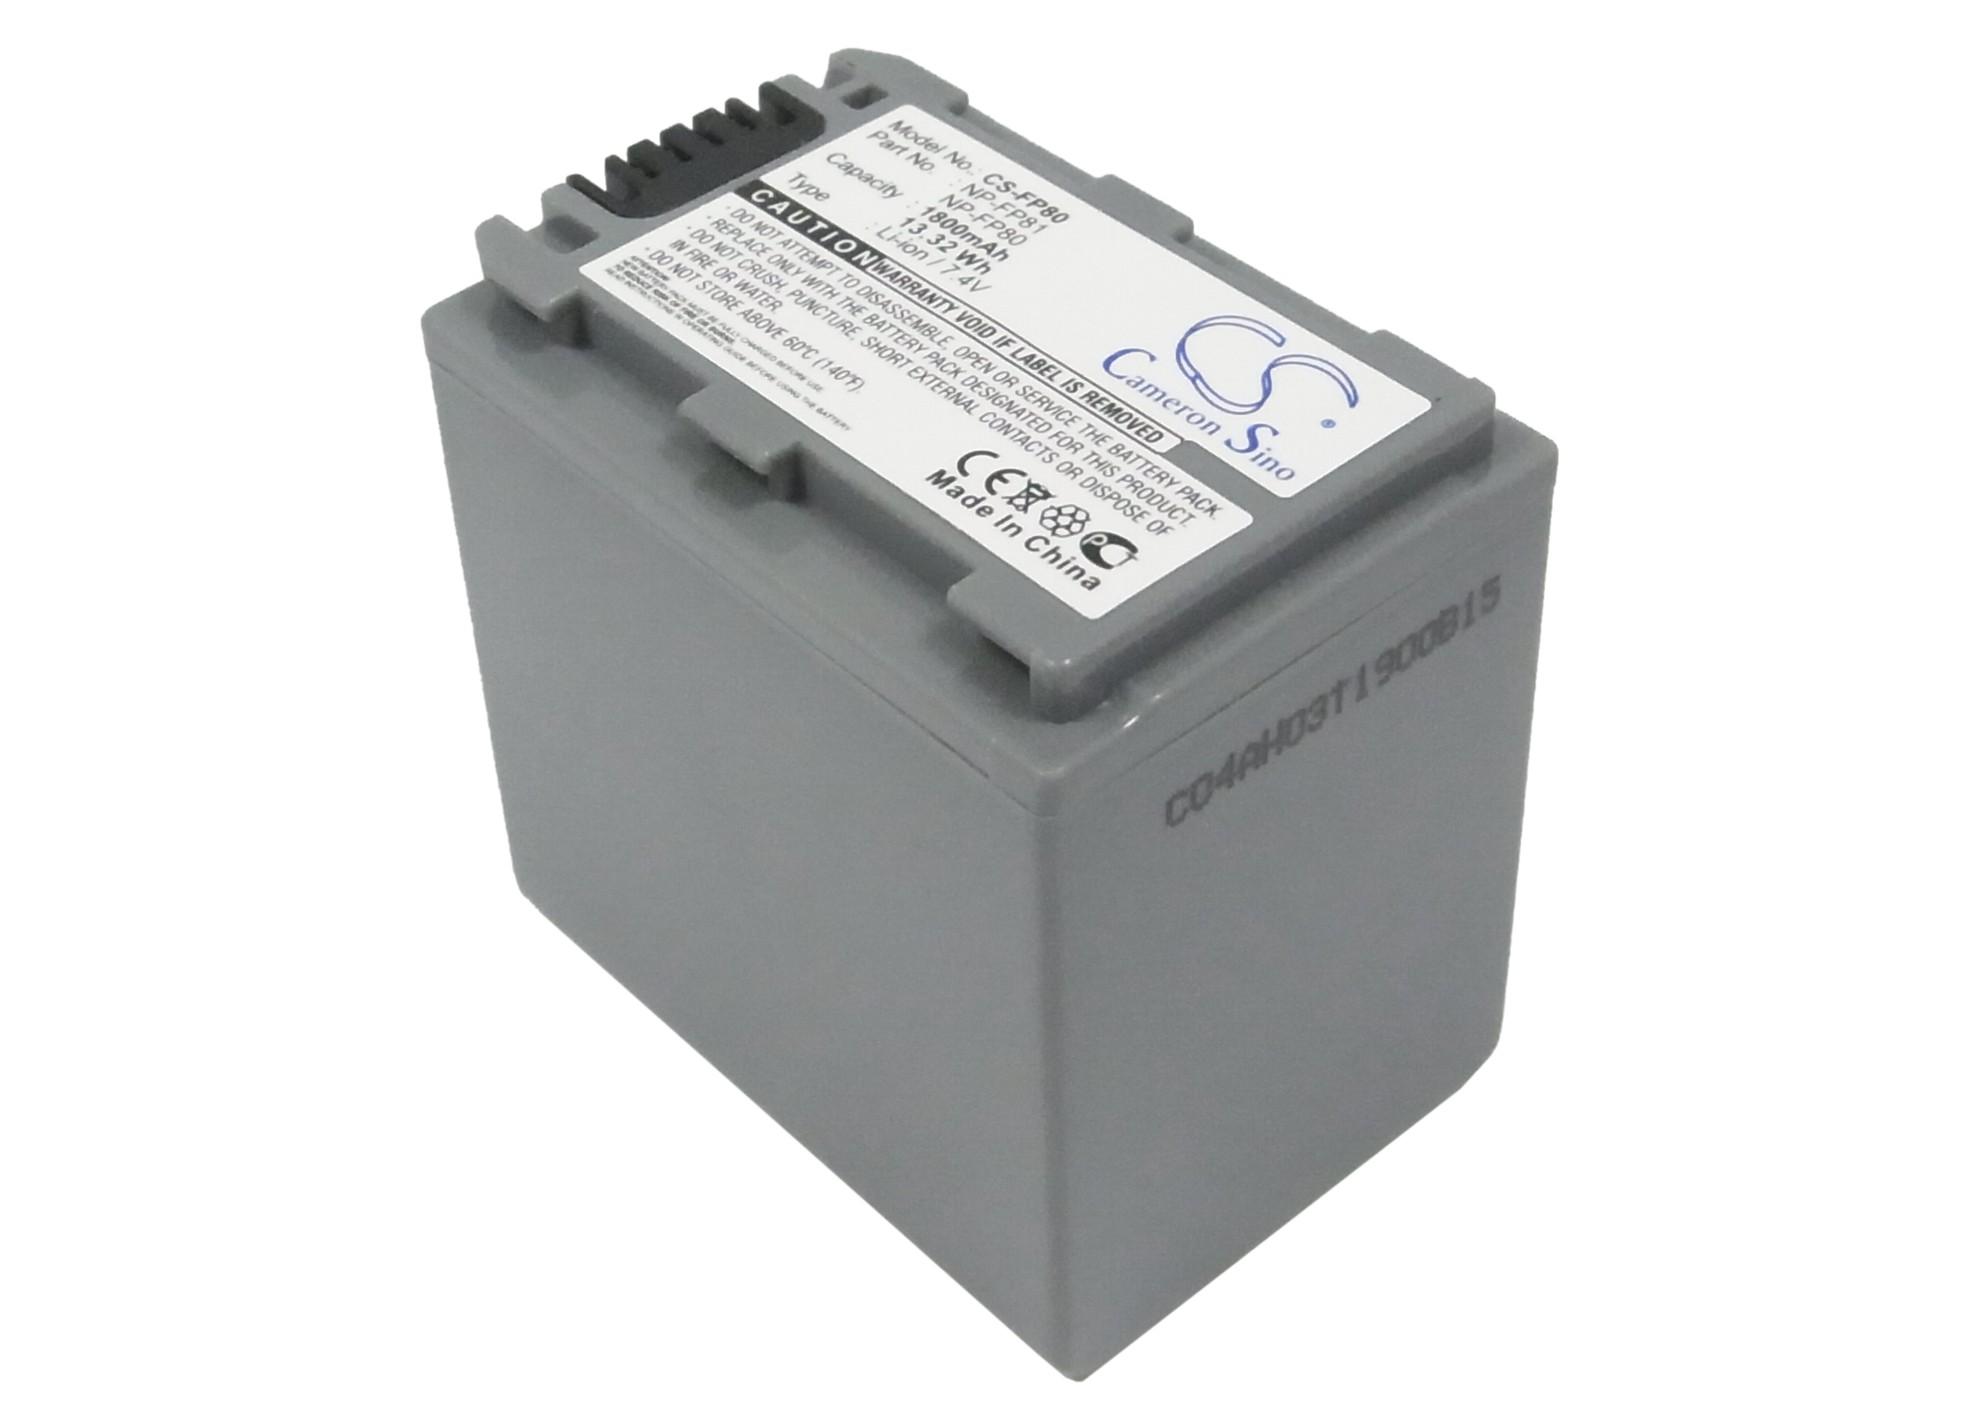 Cameron Sino baterie do kamer a fotoaparátů pro SONY DCR-HC85 7.4V Li-ion 1800mAh tmavě šedá - neoriginální